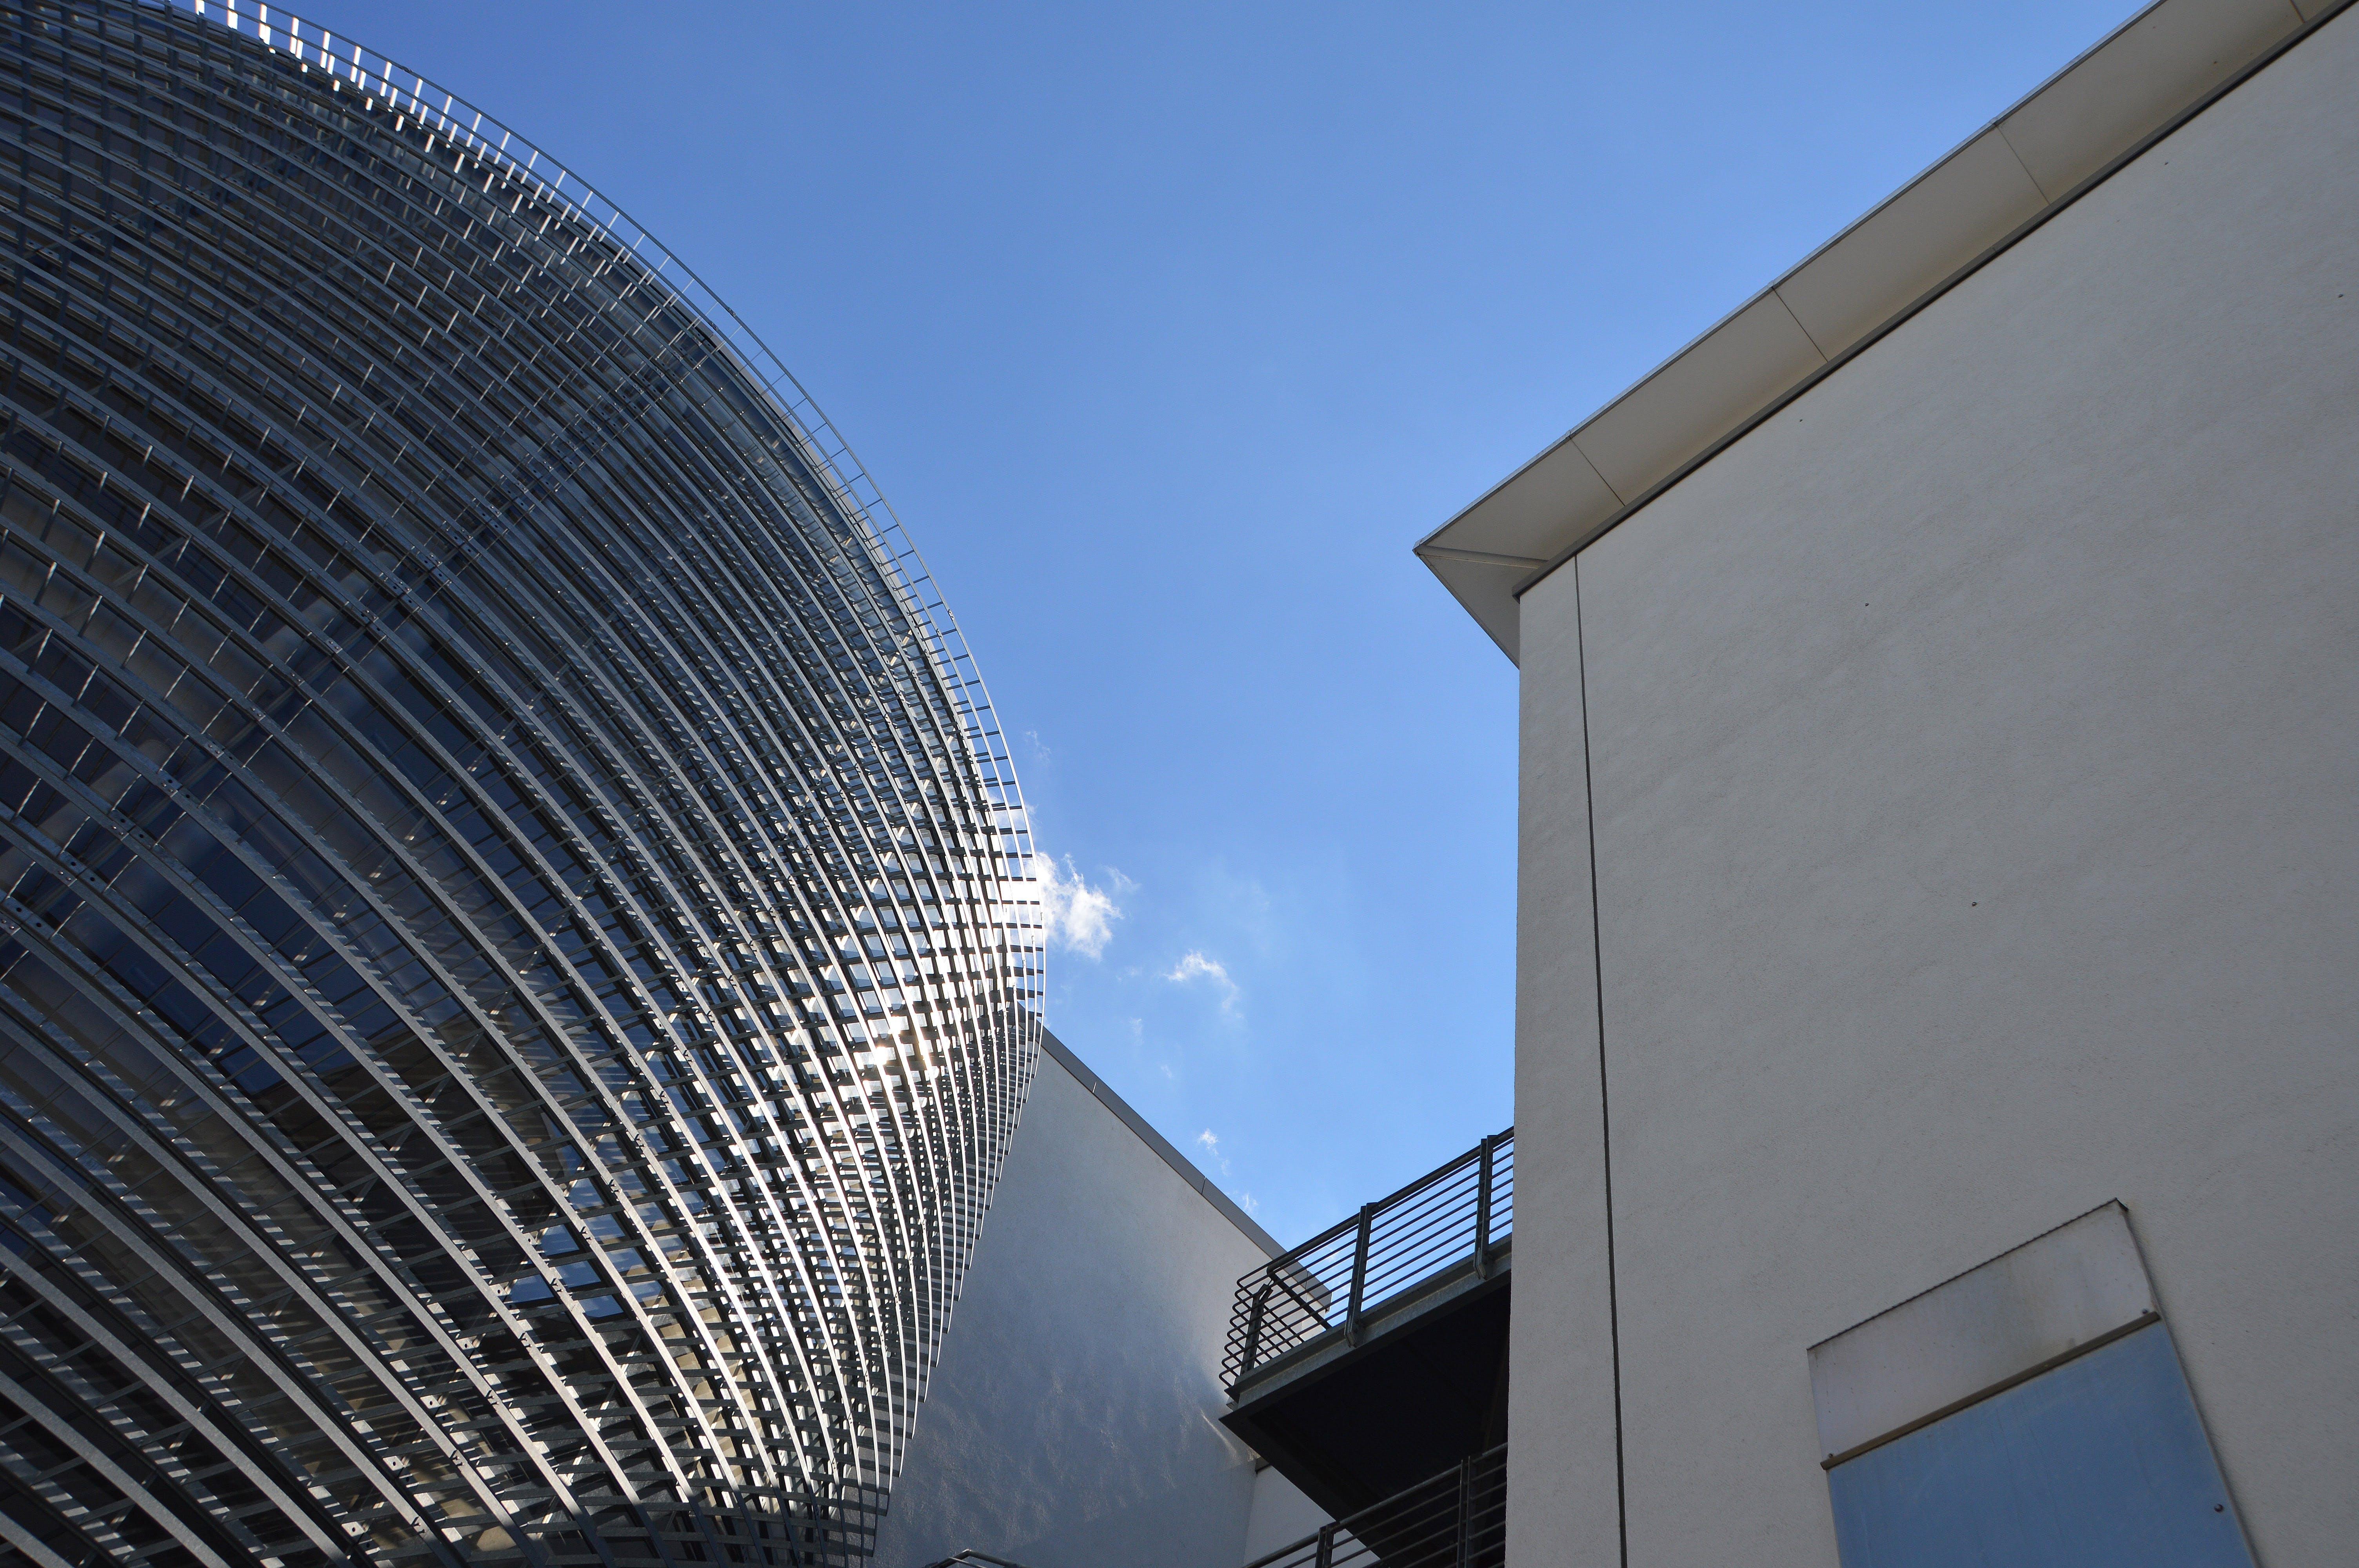 강철, 건물, 건설, 건축의 무료 스톡 사진